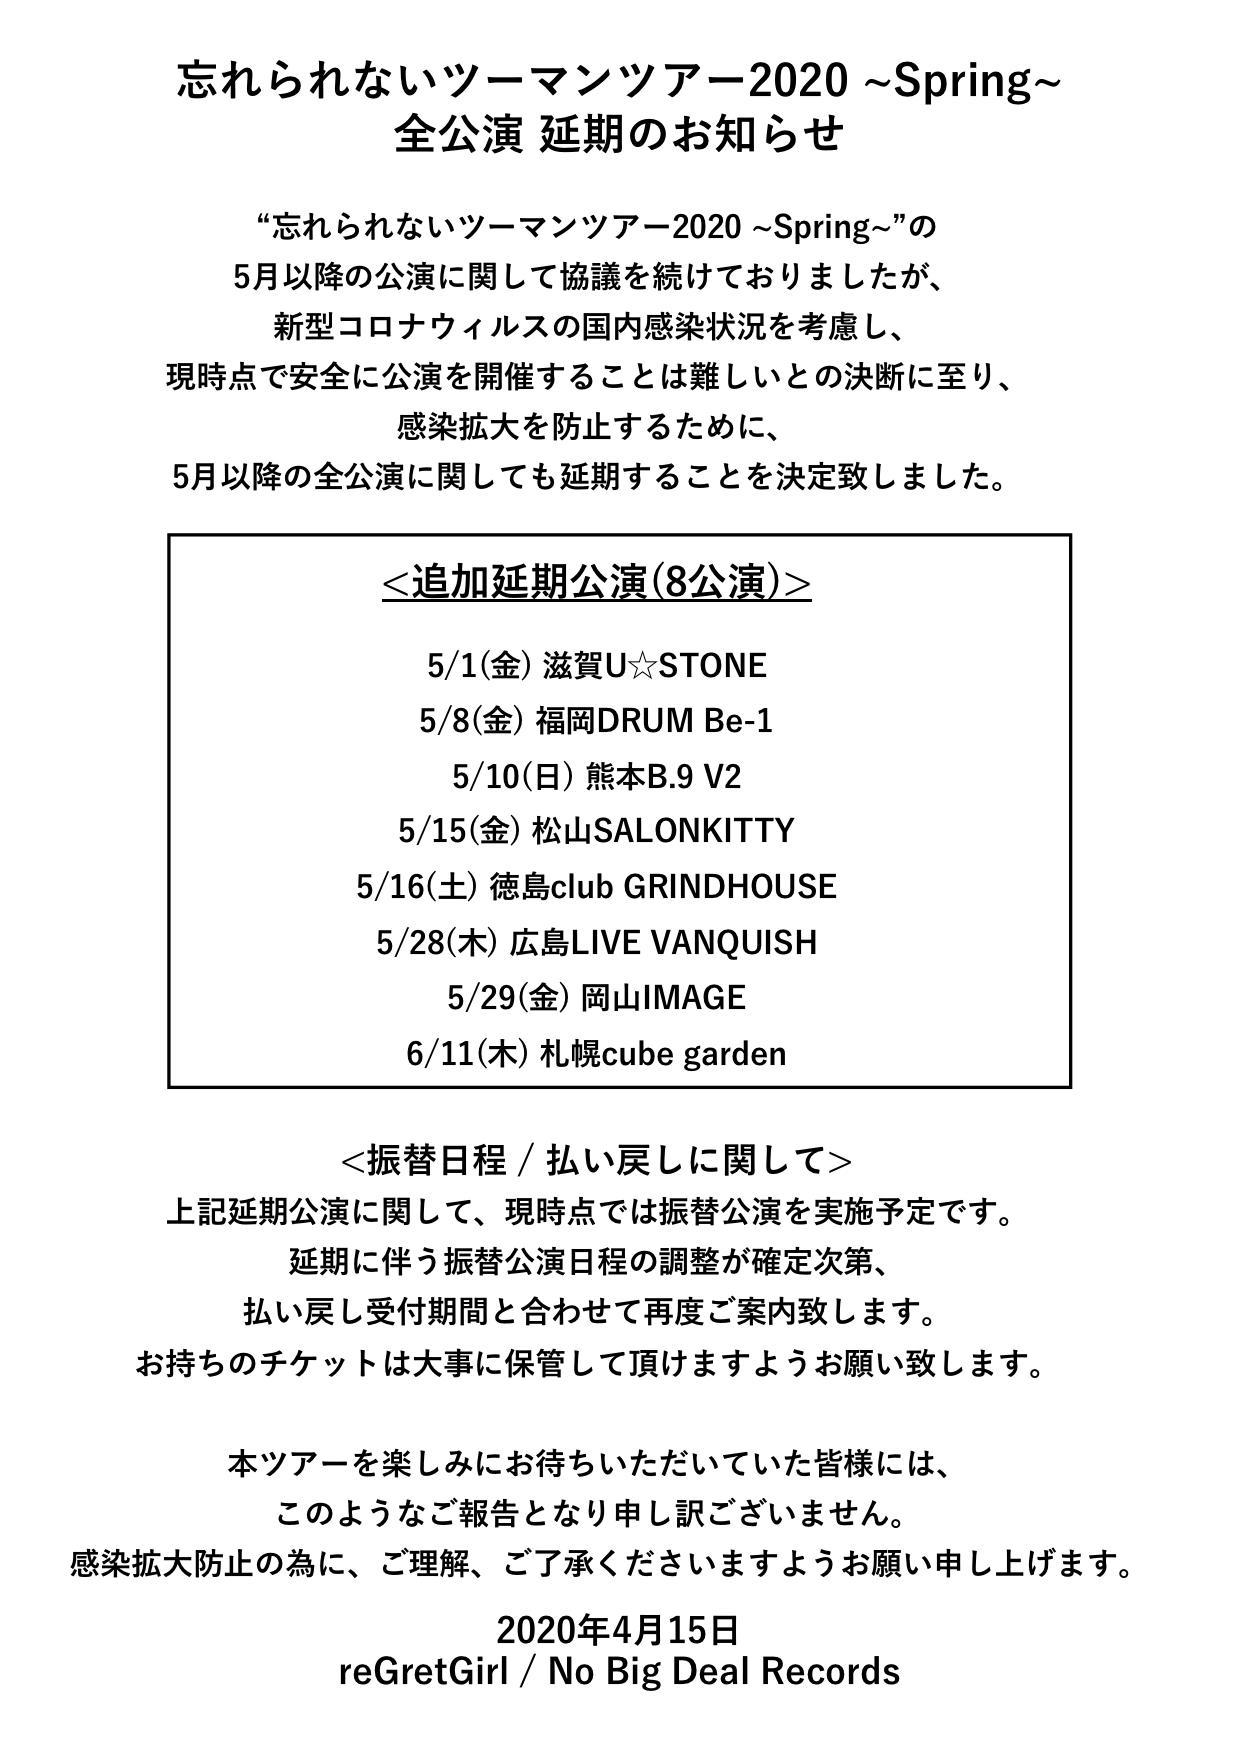 0415延期アナウンス (1).jpg